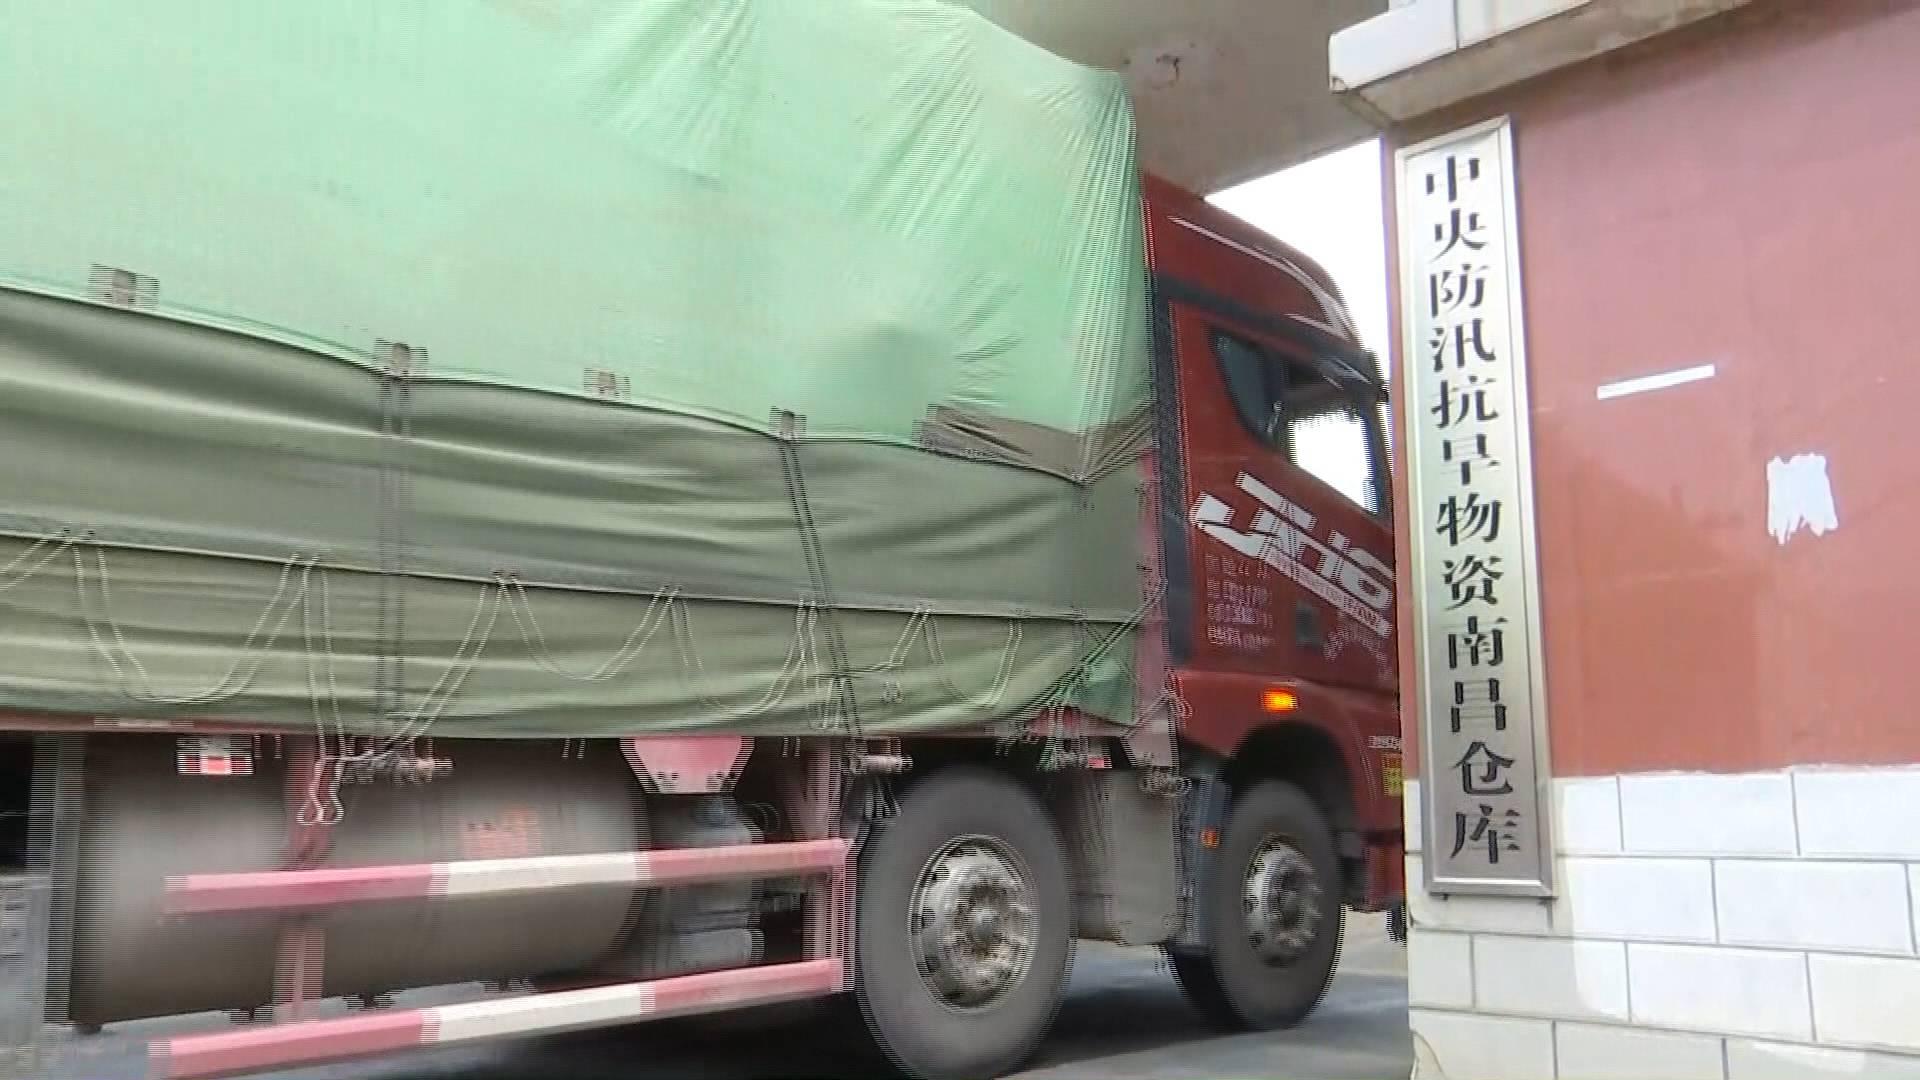 62秒|历时近30小时跨越1000多公里 中央济南仓库防汛物资抵达南昌